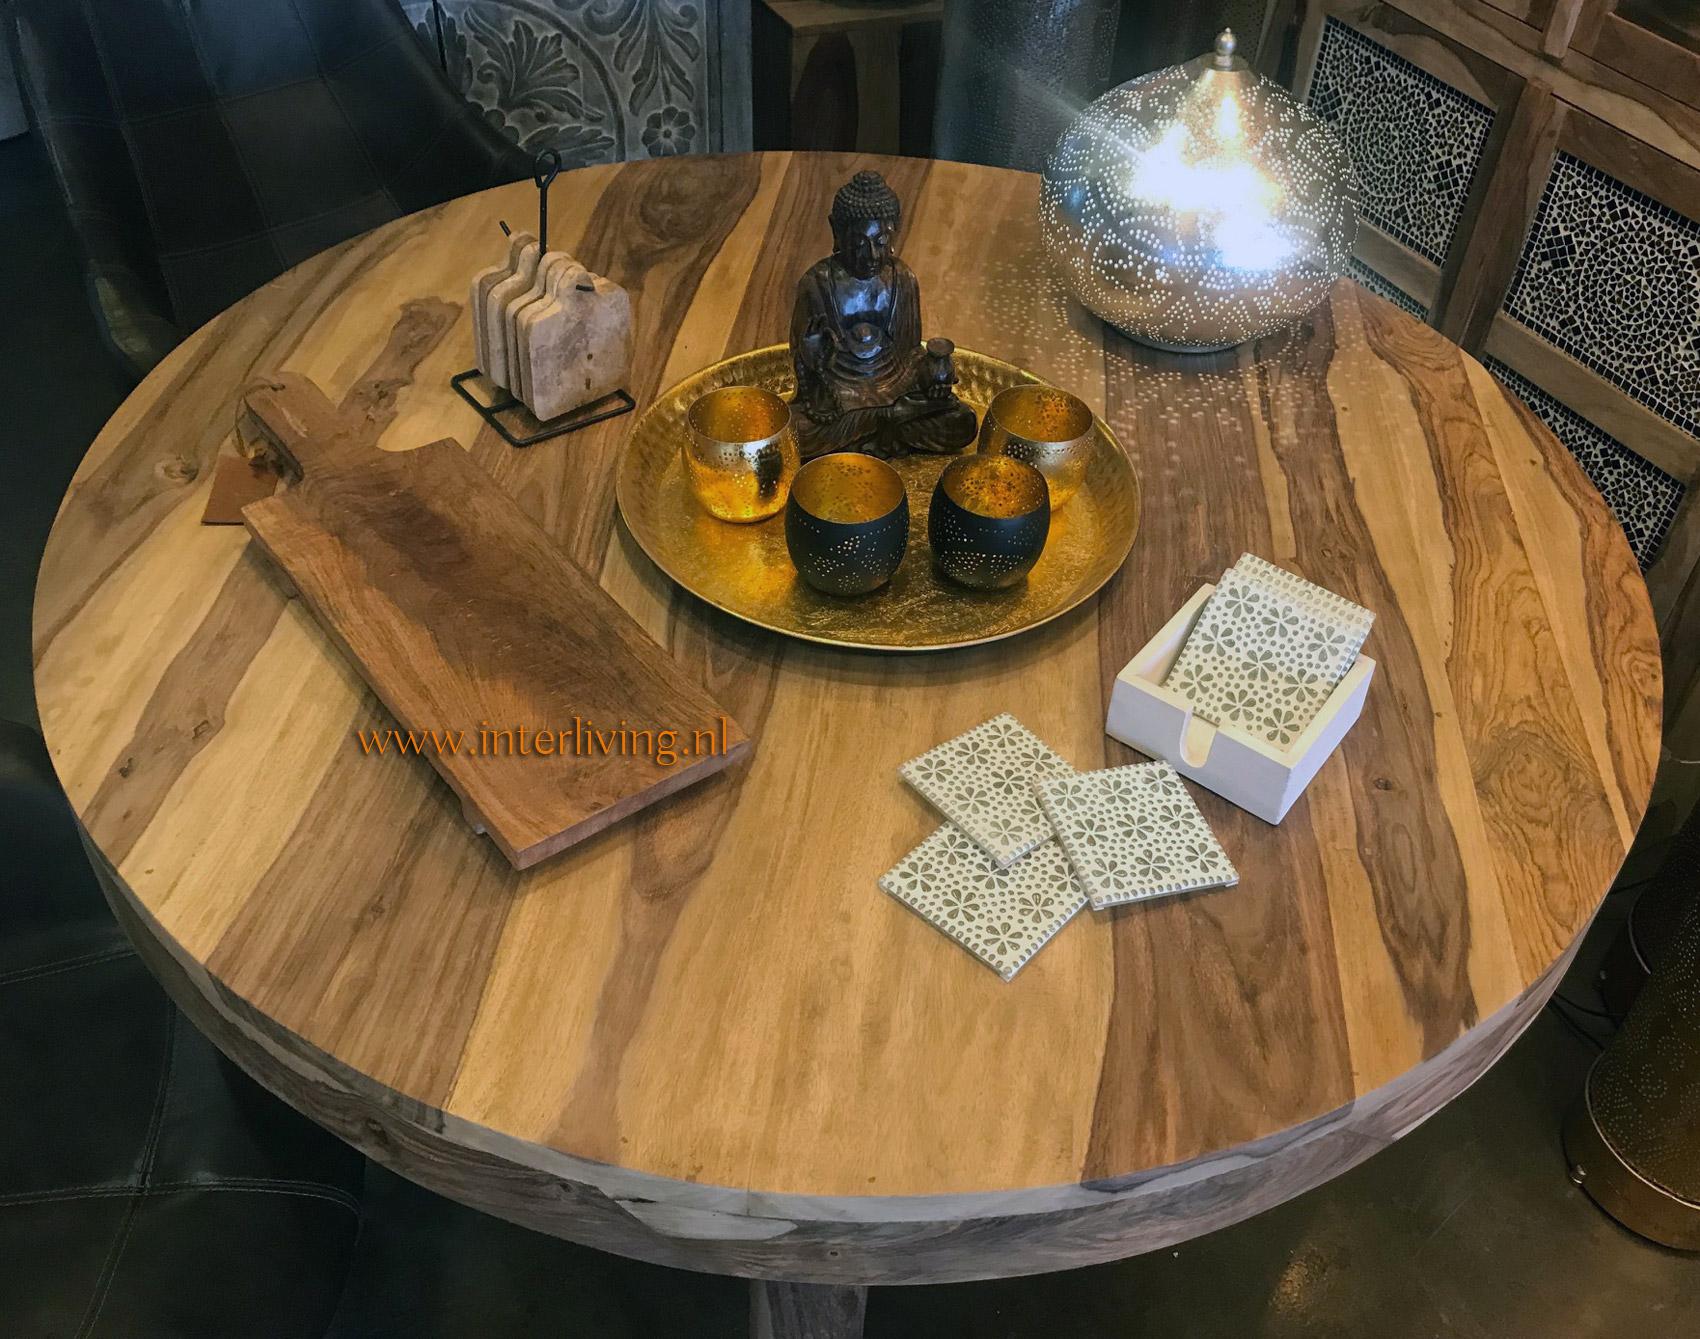 rond tafelblad - eettafel van hout - interieur tip ruimte besparen - gezellige tafel